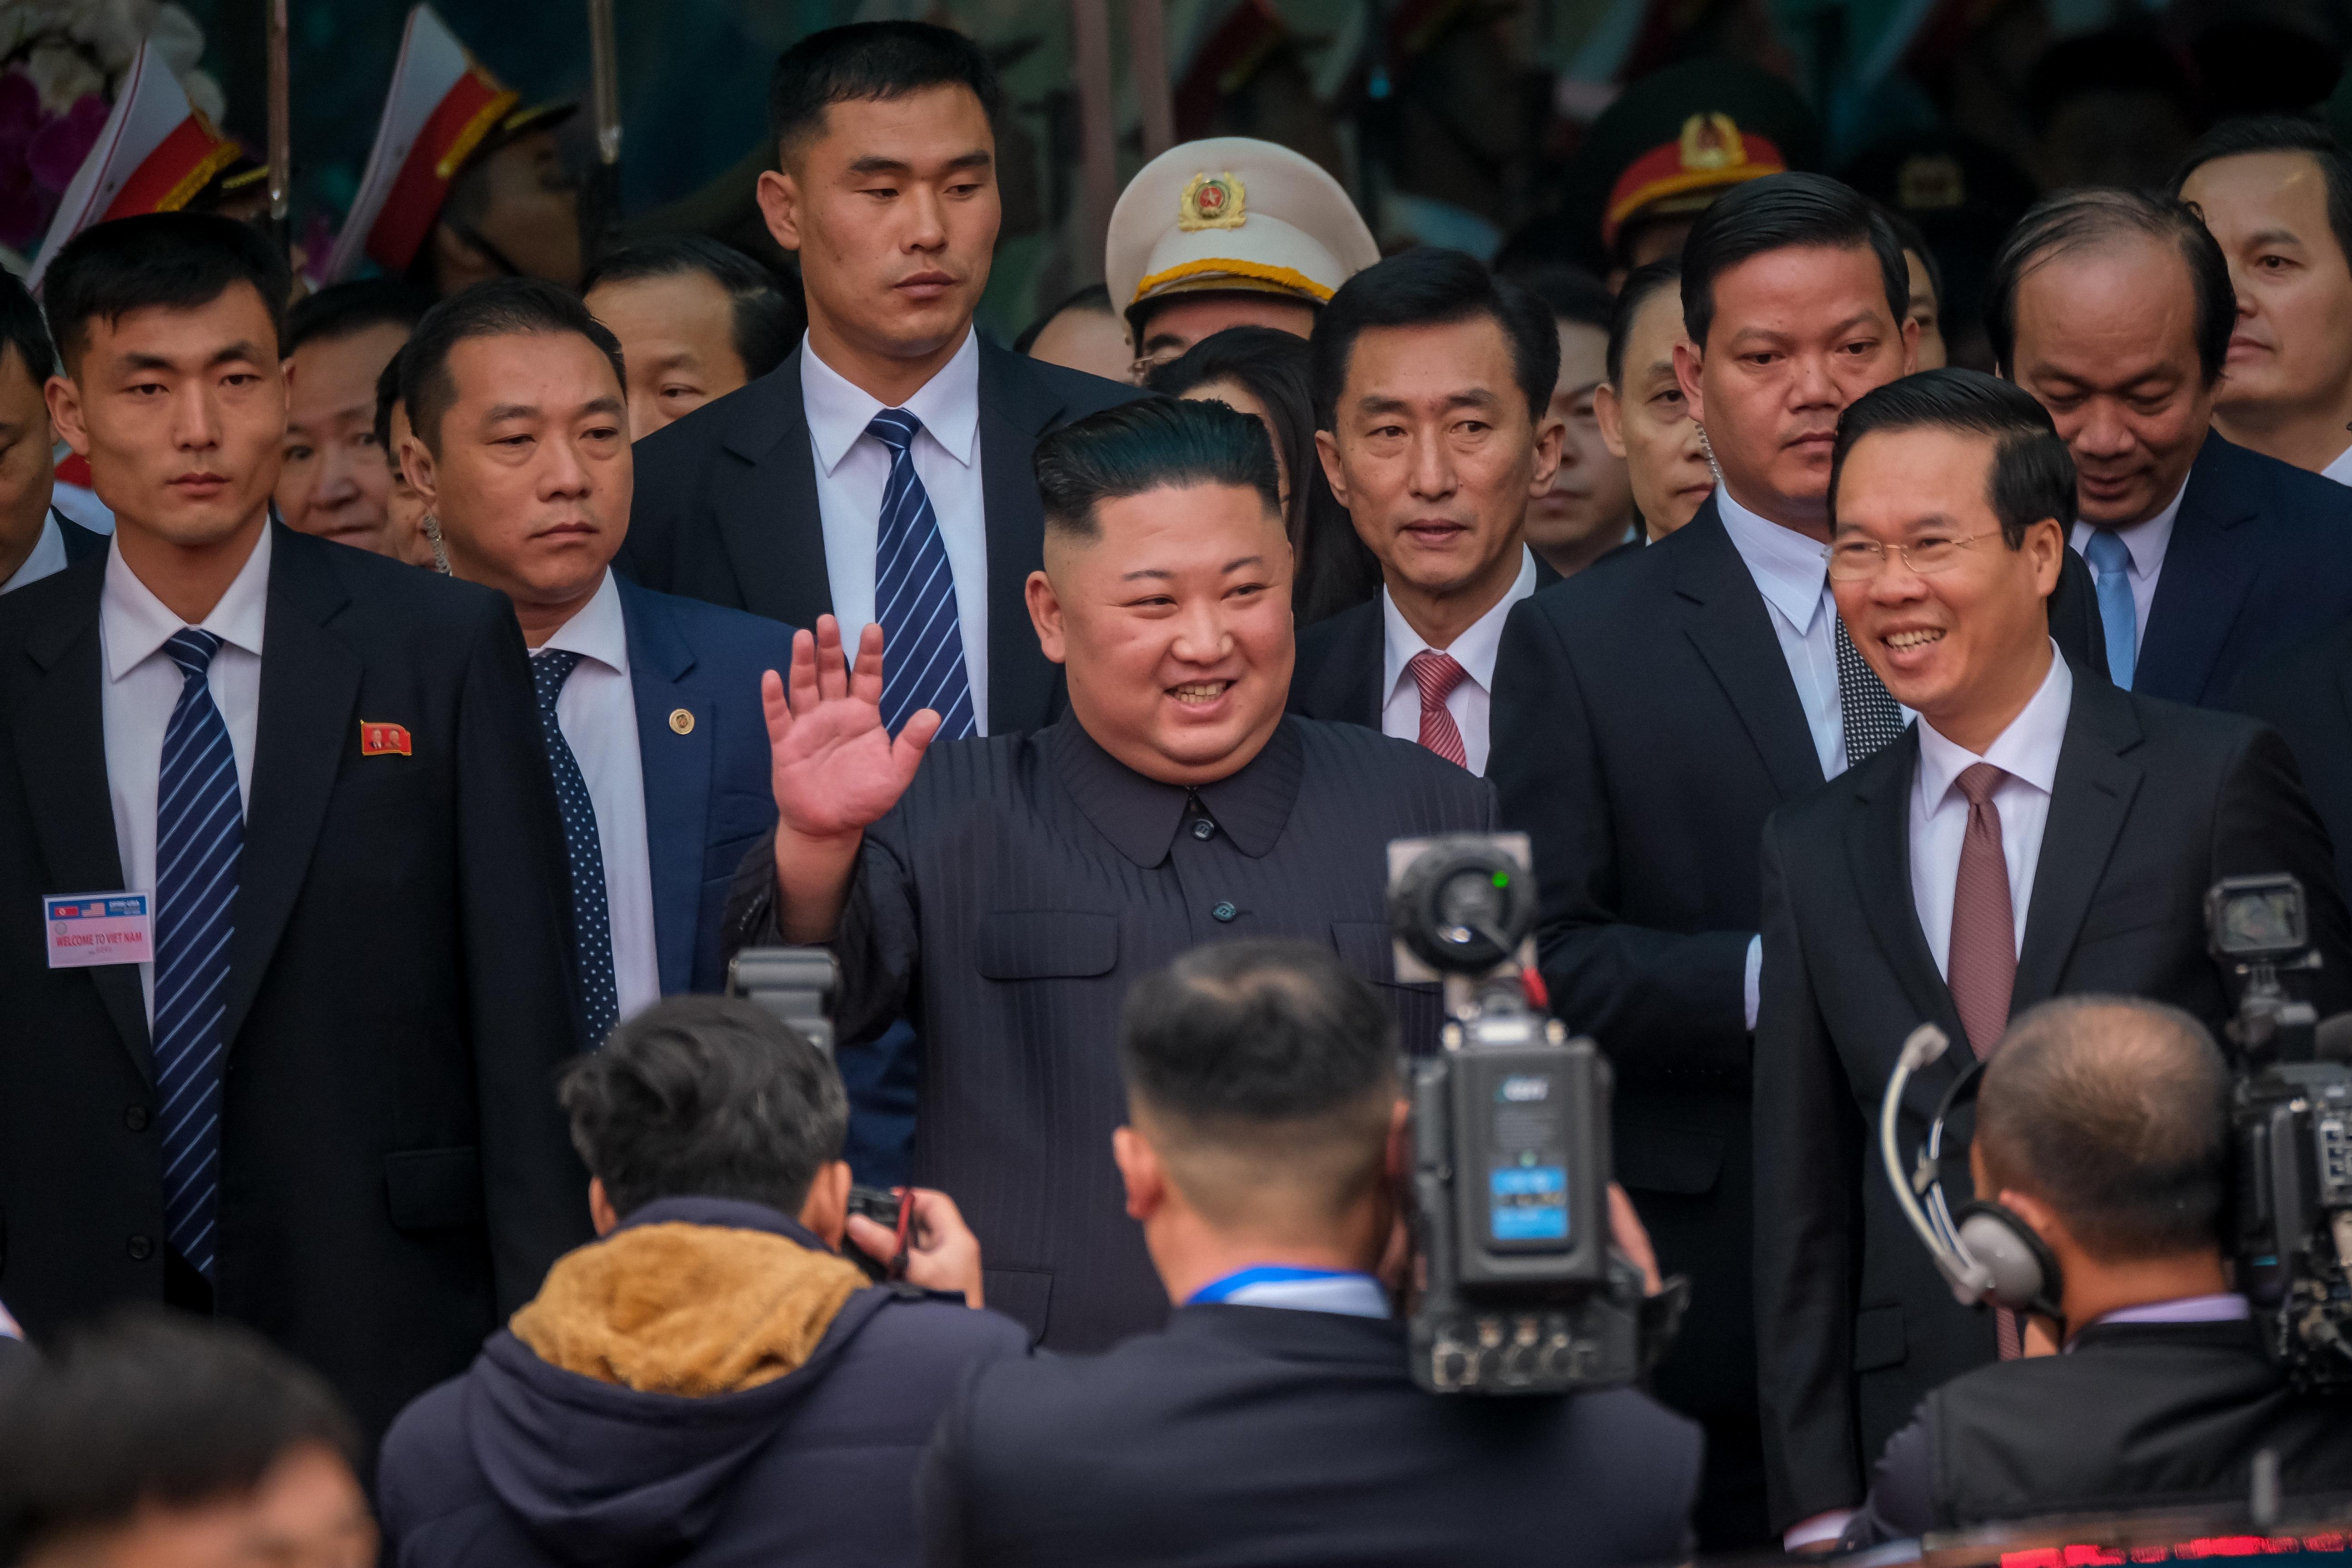 김정은이 베트남 삼성전자 공장 방문에 관심을 밝혔다는 보도가